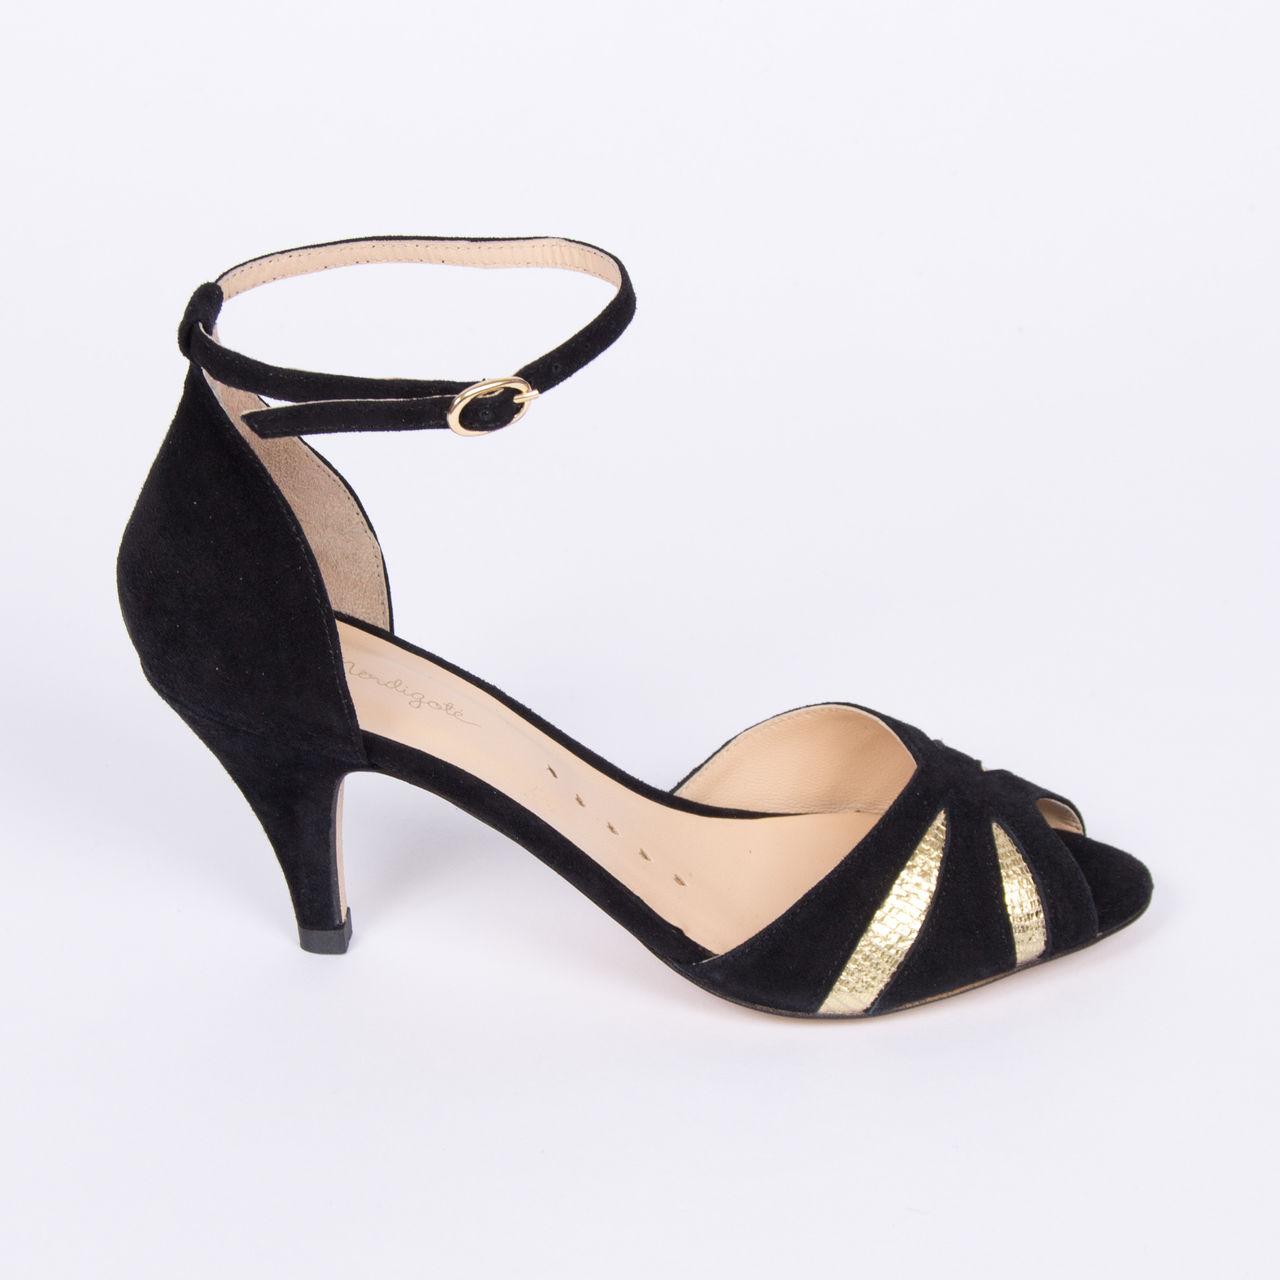 › Chaussures Sandale Femme Mendigote Petite NoirpromoBoutique La Barbade doBCWrxe